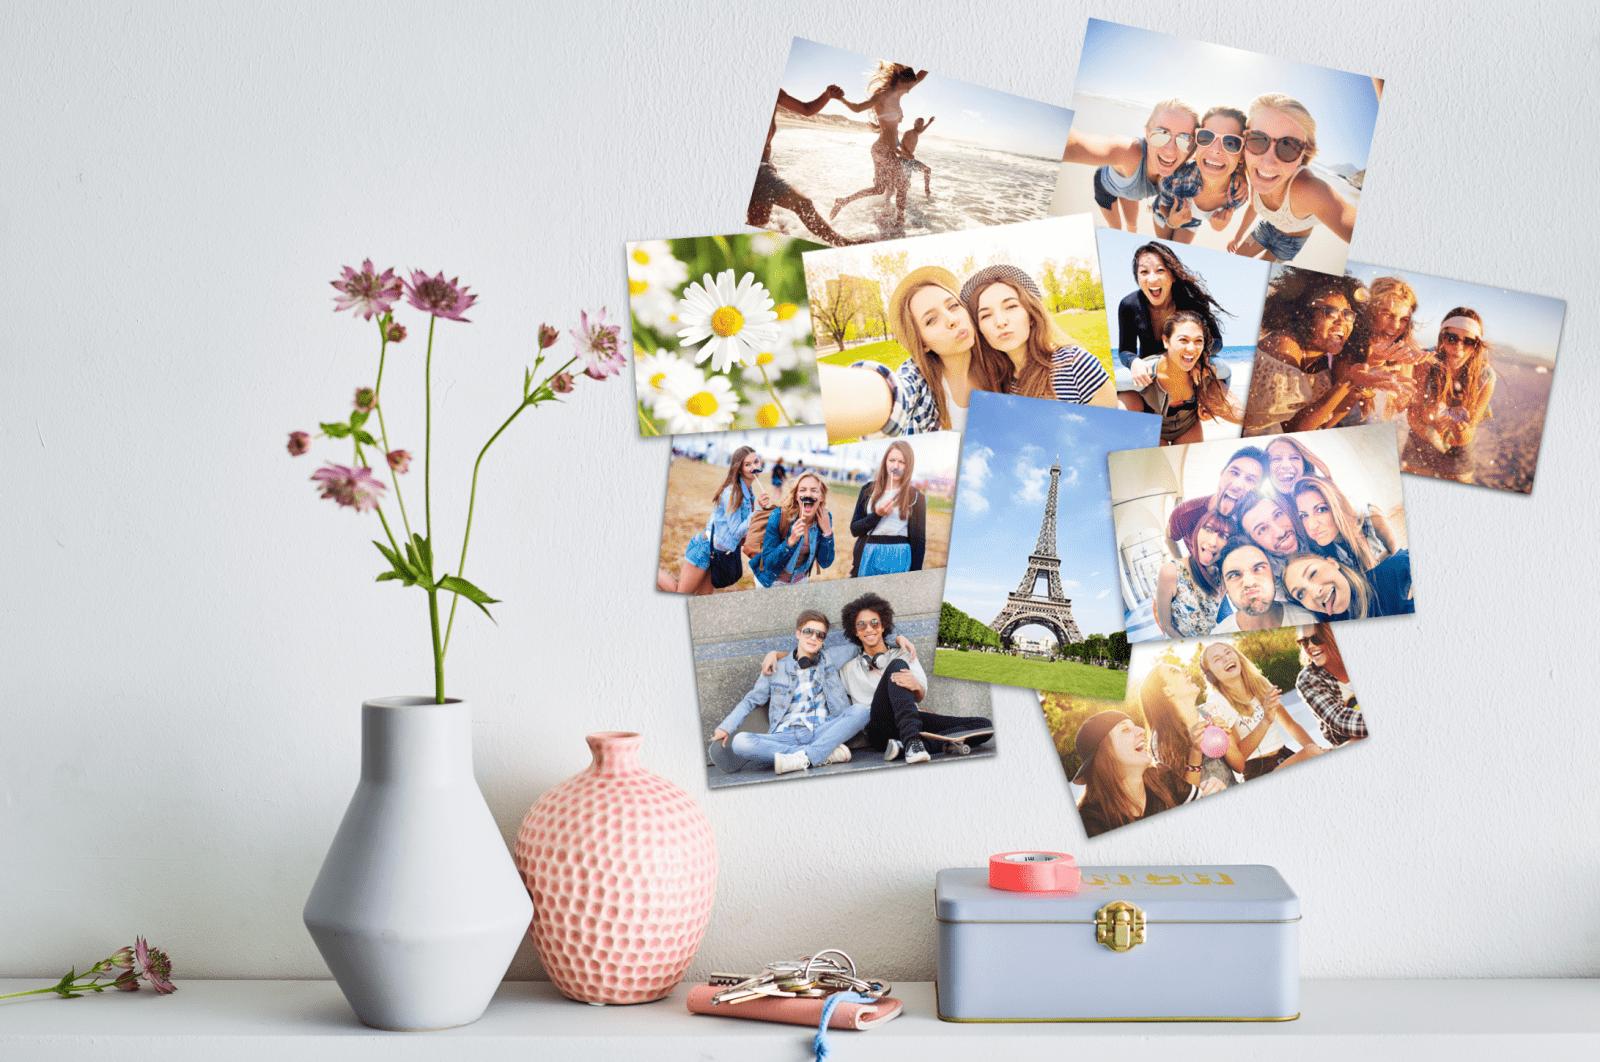 Fotocollage Selber Machen Ideen Mit Collage Selber Machen Excellent von Collage Selber Machen Ideen Bild